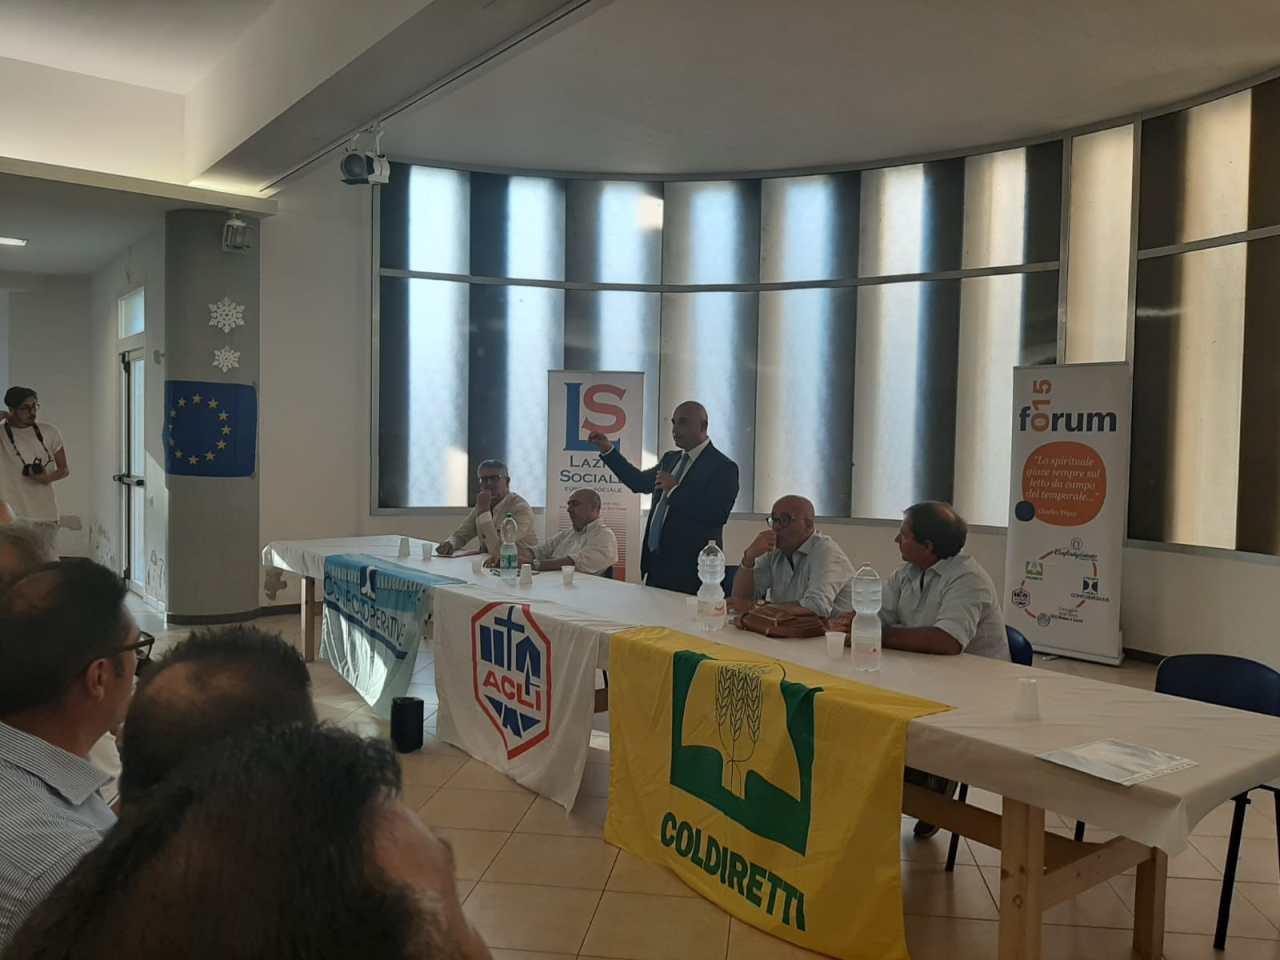 Il Forum '015, Acli provinciali di Latina, Coldiretti Latina, Compagnia delle Opere di Roma e del Lazio e Confcooperative Lazio Sud, esprimono una riflessione sulle vicende politiche e mediatichecorrenti.